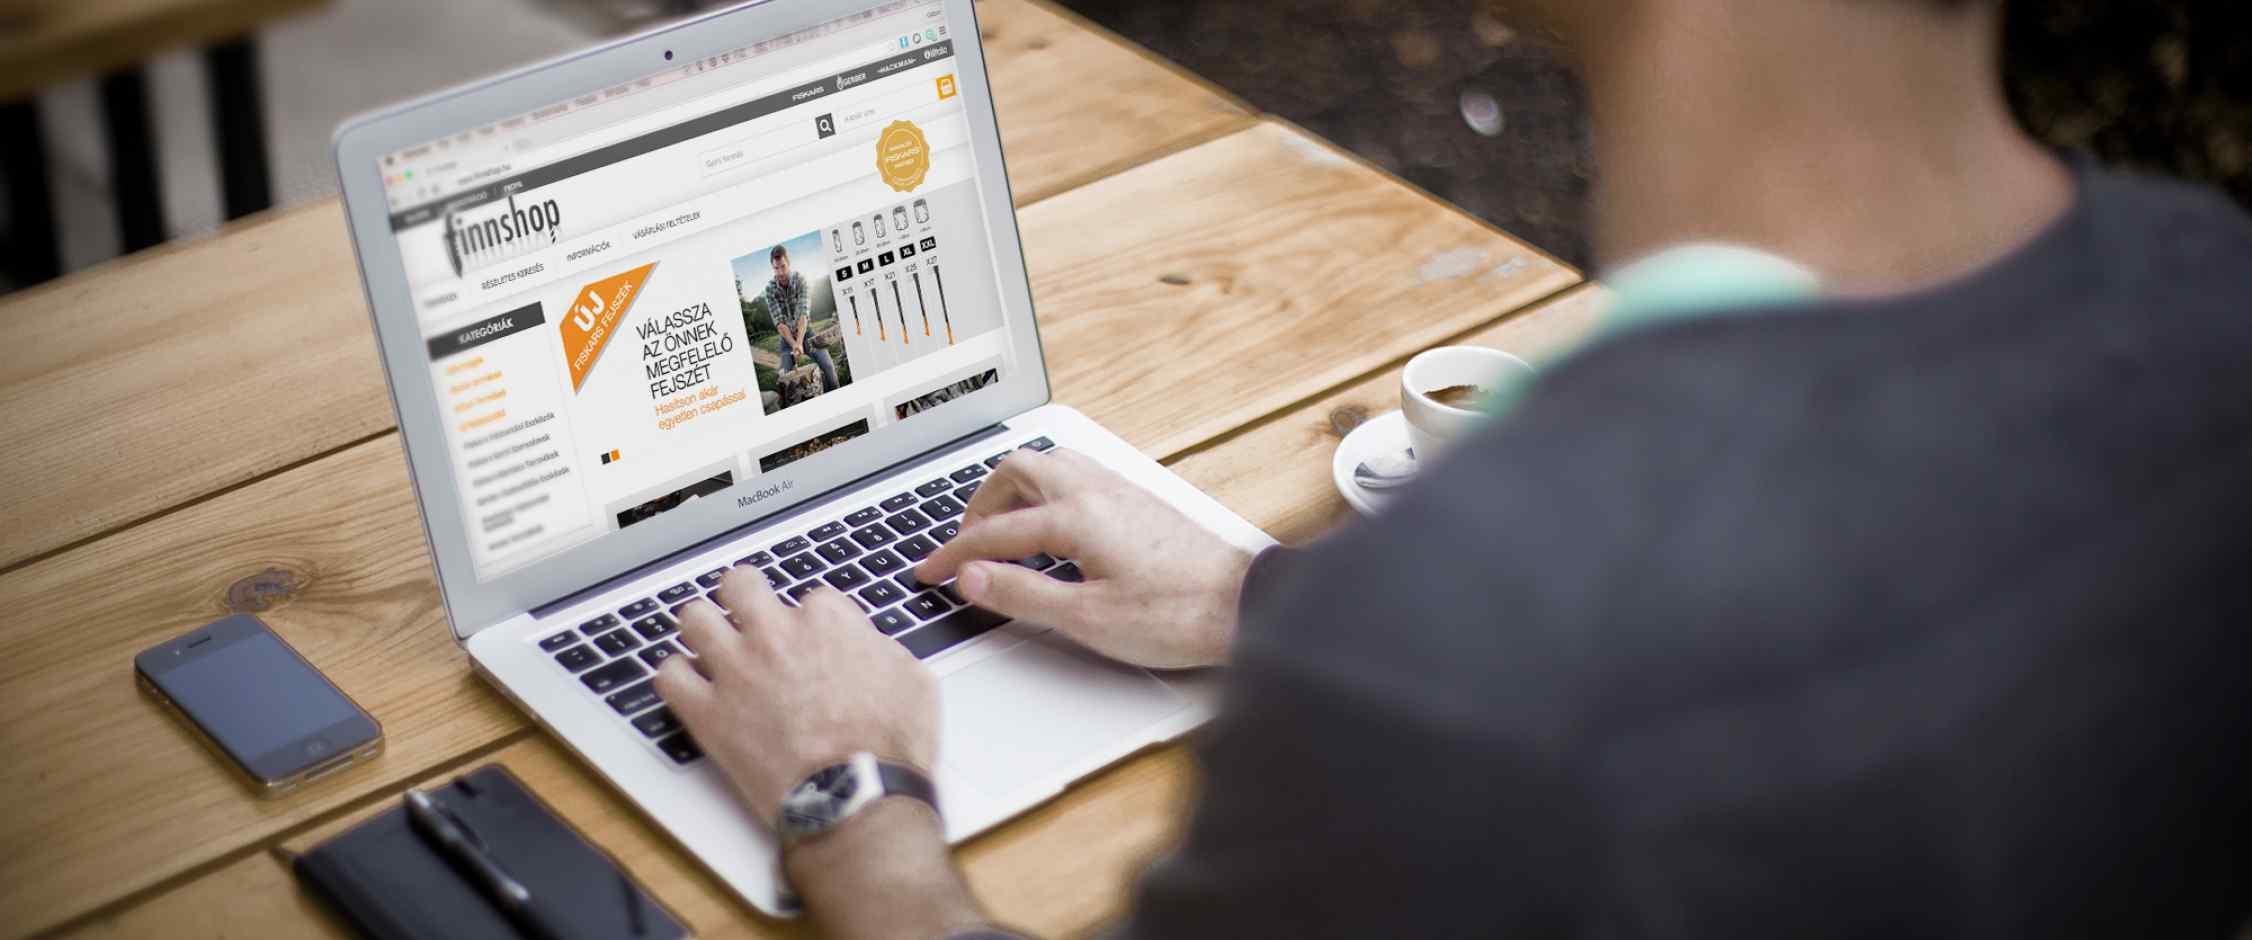 Finnshop webshop készítés